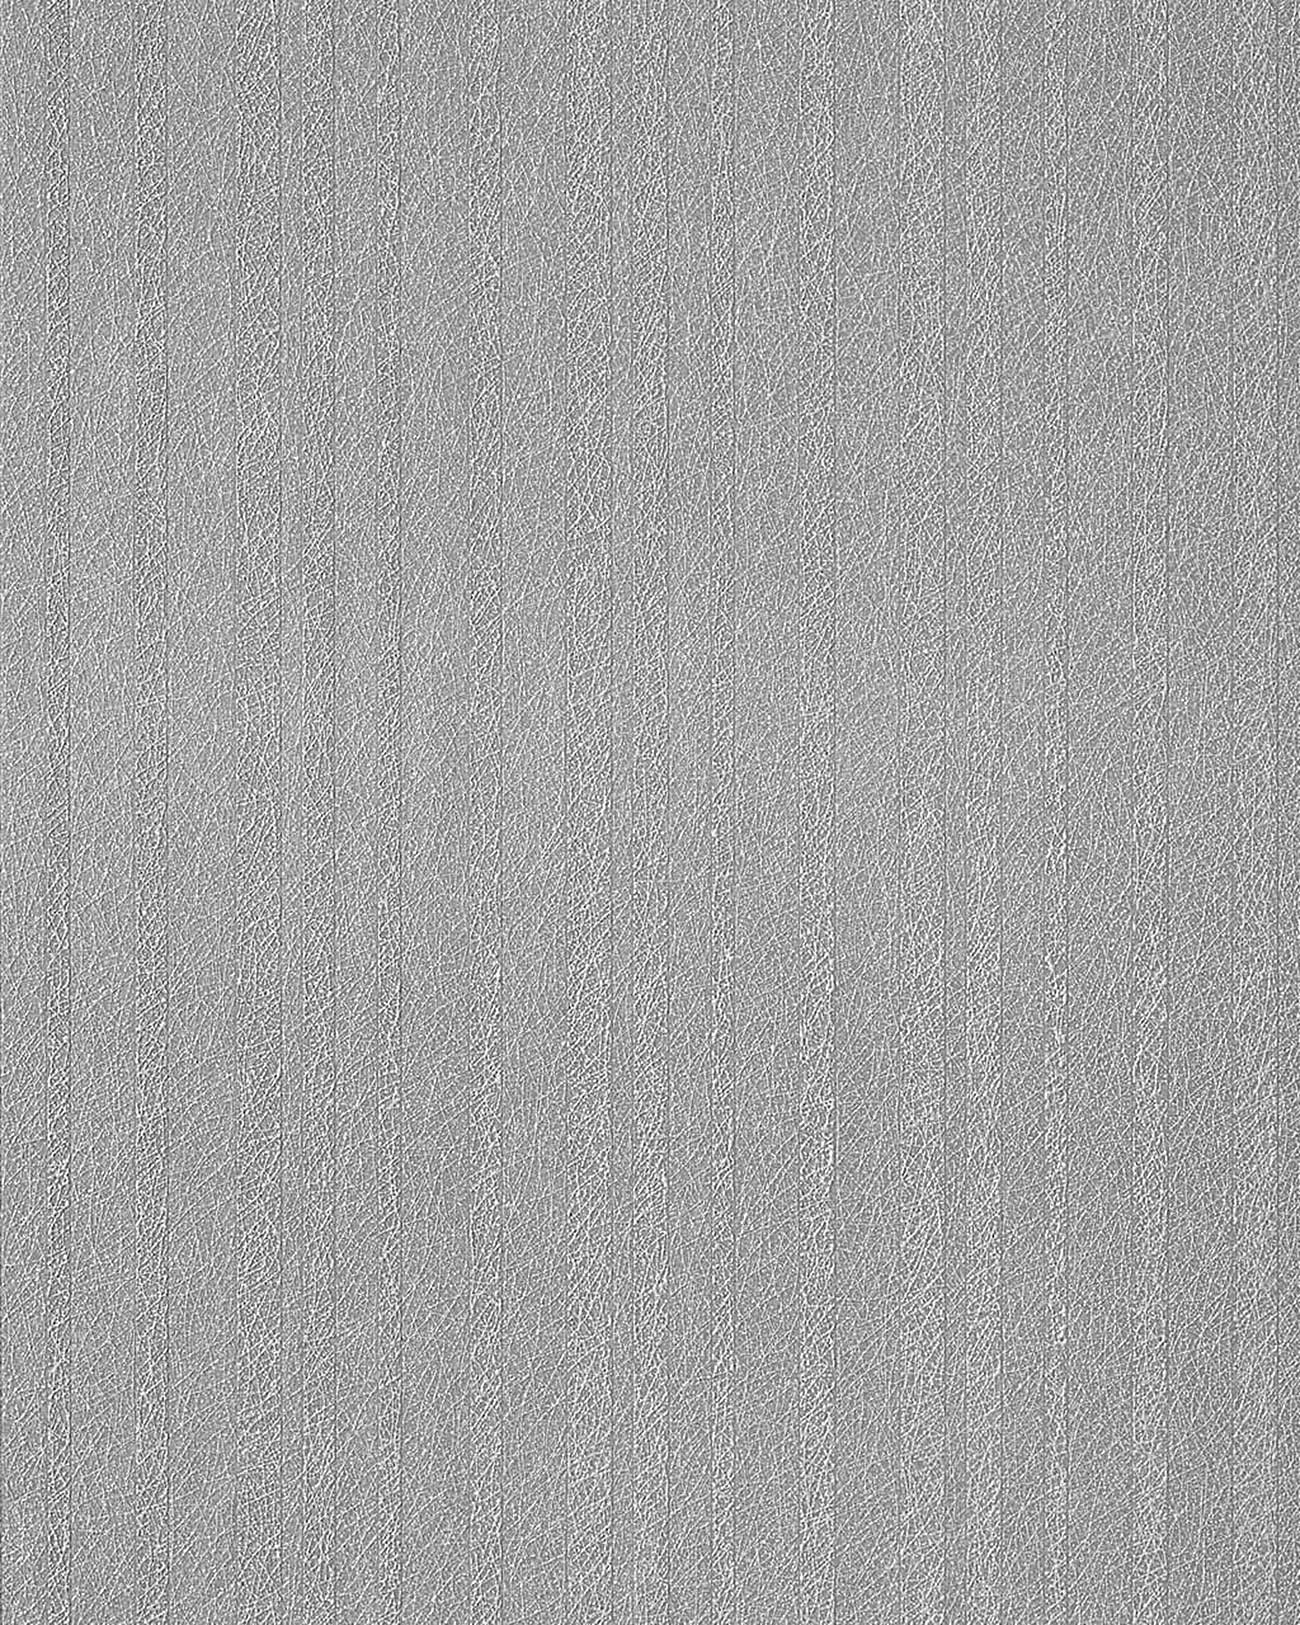 Vinylbehang structuur behang edem 1015 16 reli f behang gestreept grijs beton grijs origineel - Grijs behang ...